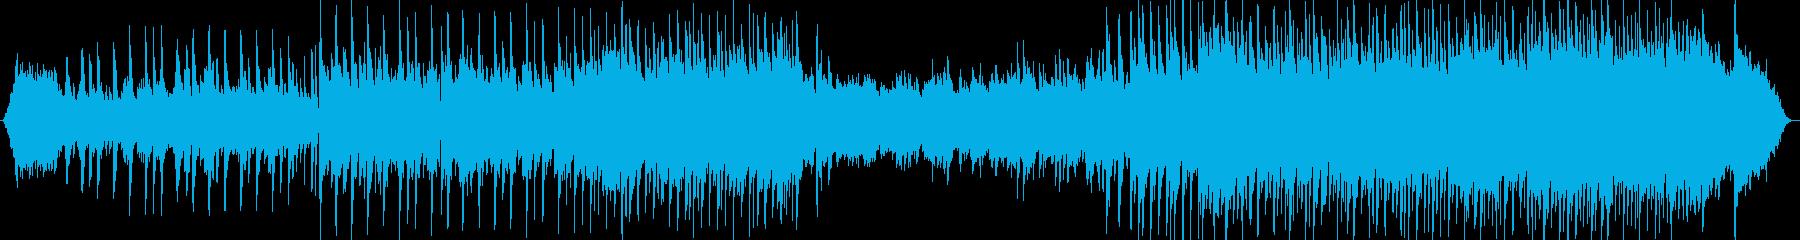 ピアノとシンセが織りなすバラードの再生済みの波形